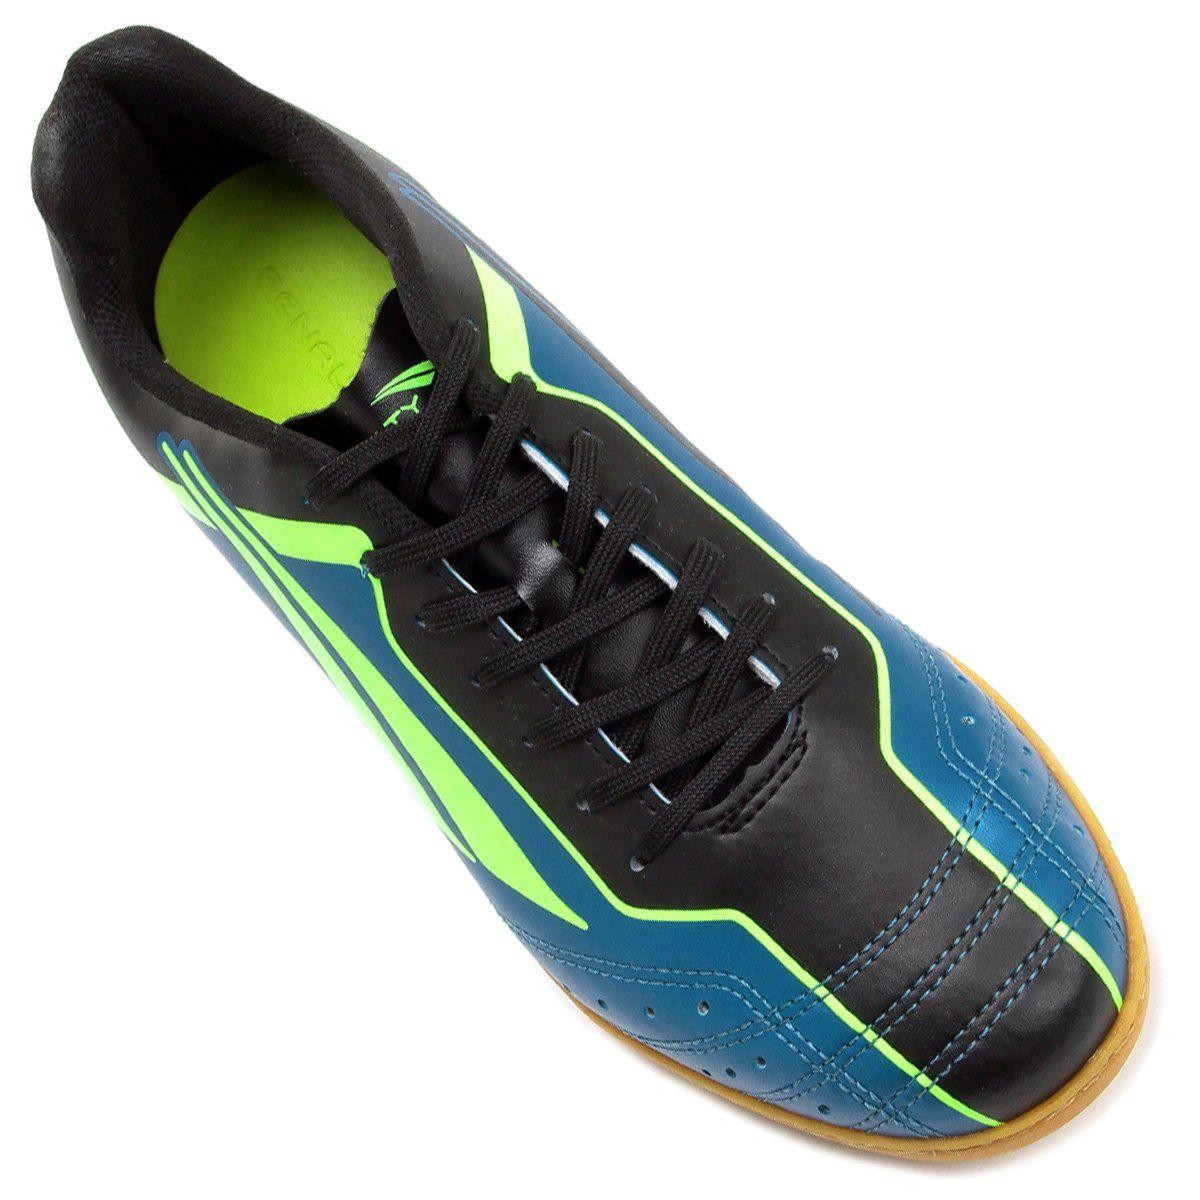 536e5899e3 Chuteira Futsal Penalty Matis VI Masculino - Azul Verde - Joinville ...